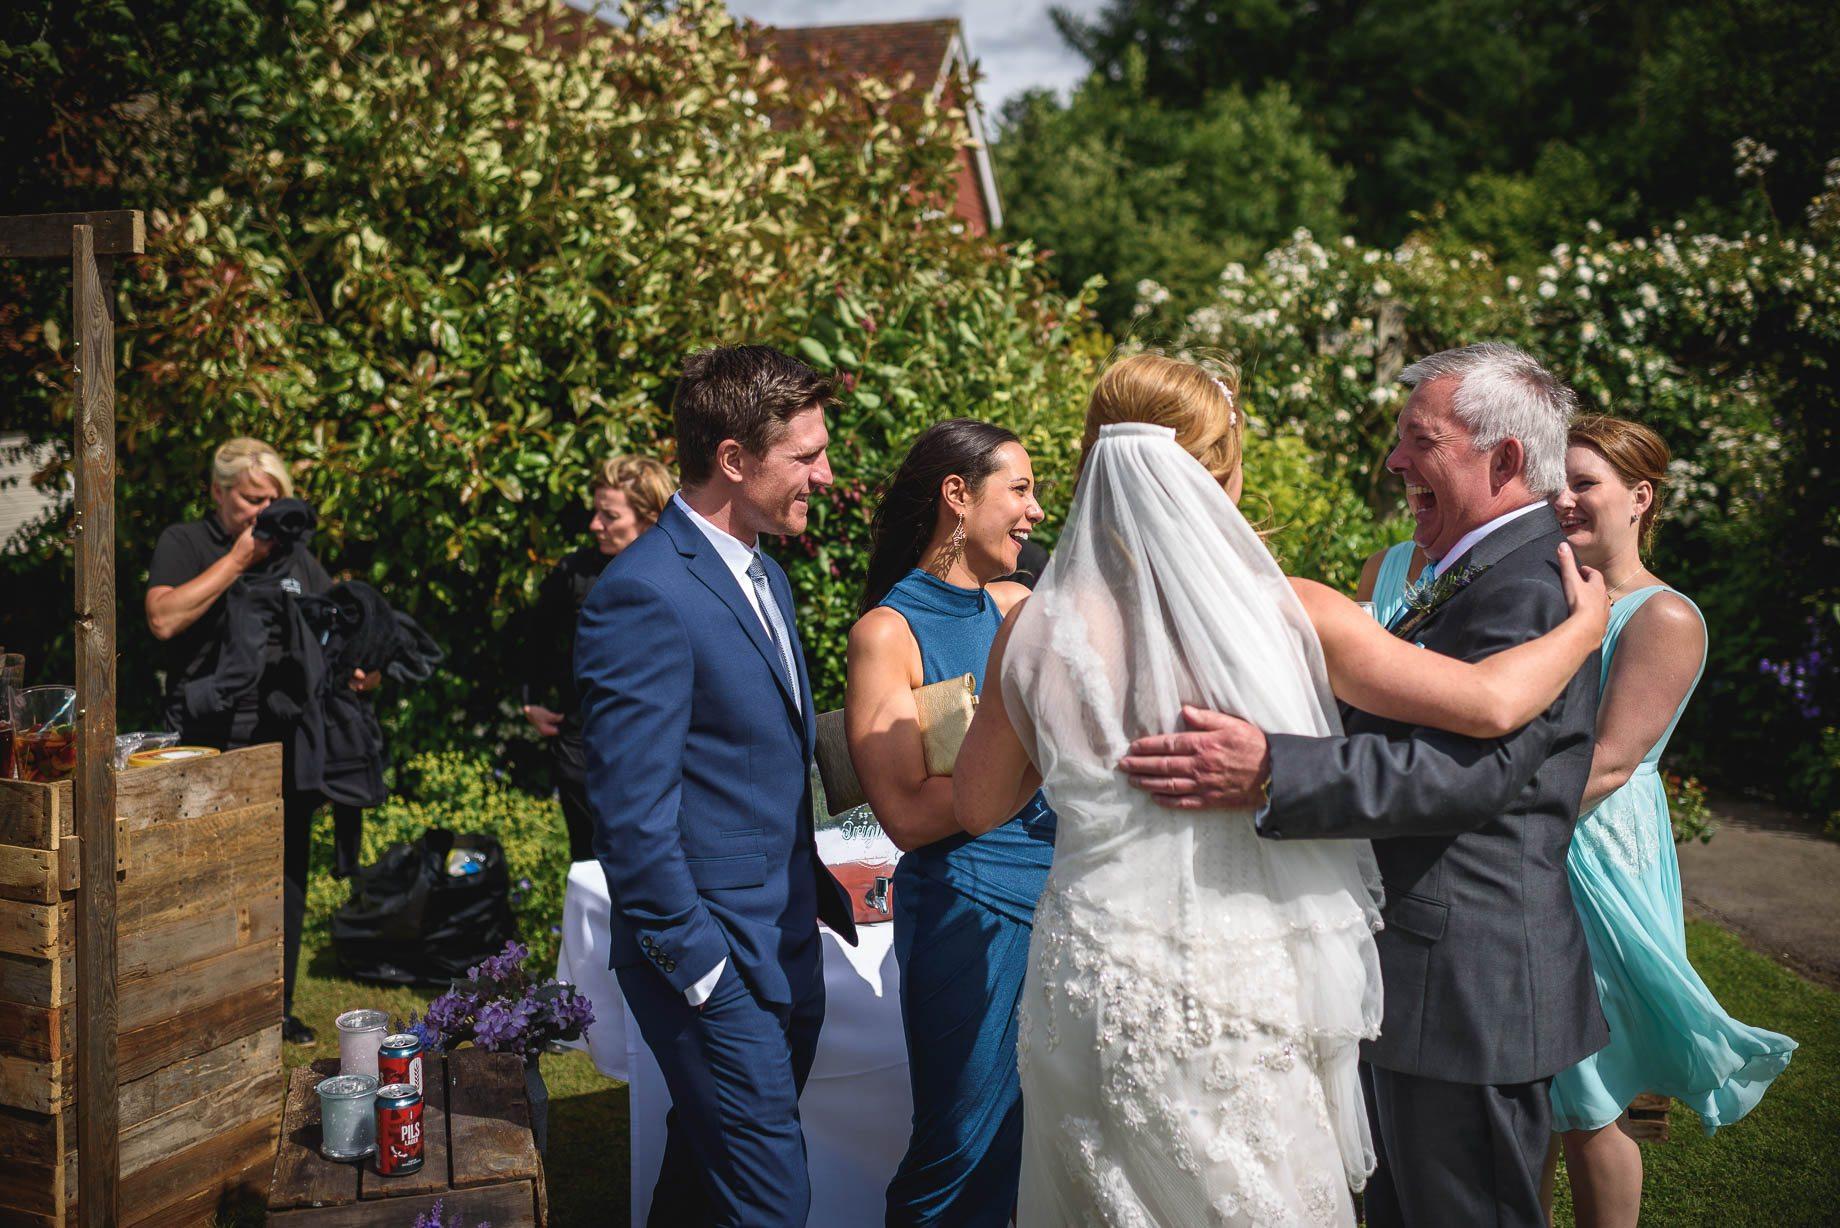 Bartholomew Barns wedding photography - Louise and Spencer (84 of 151)